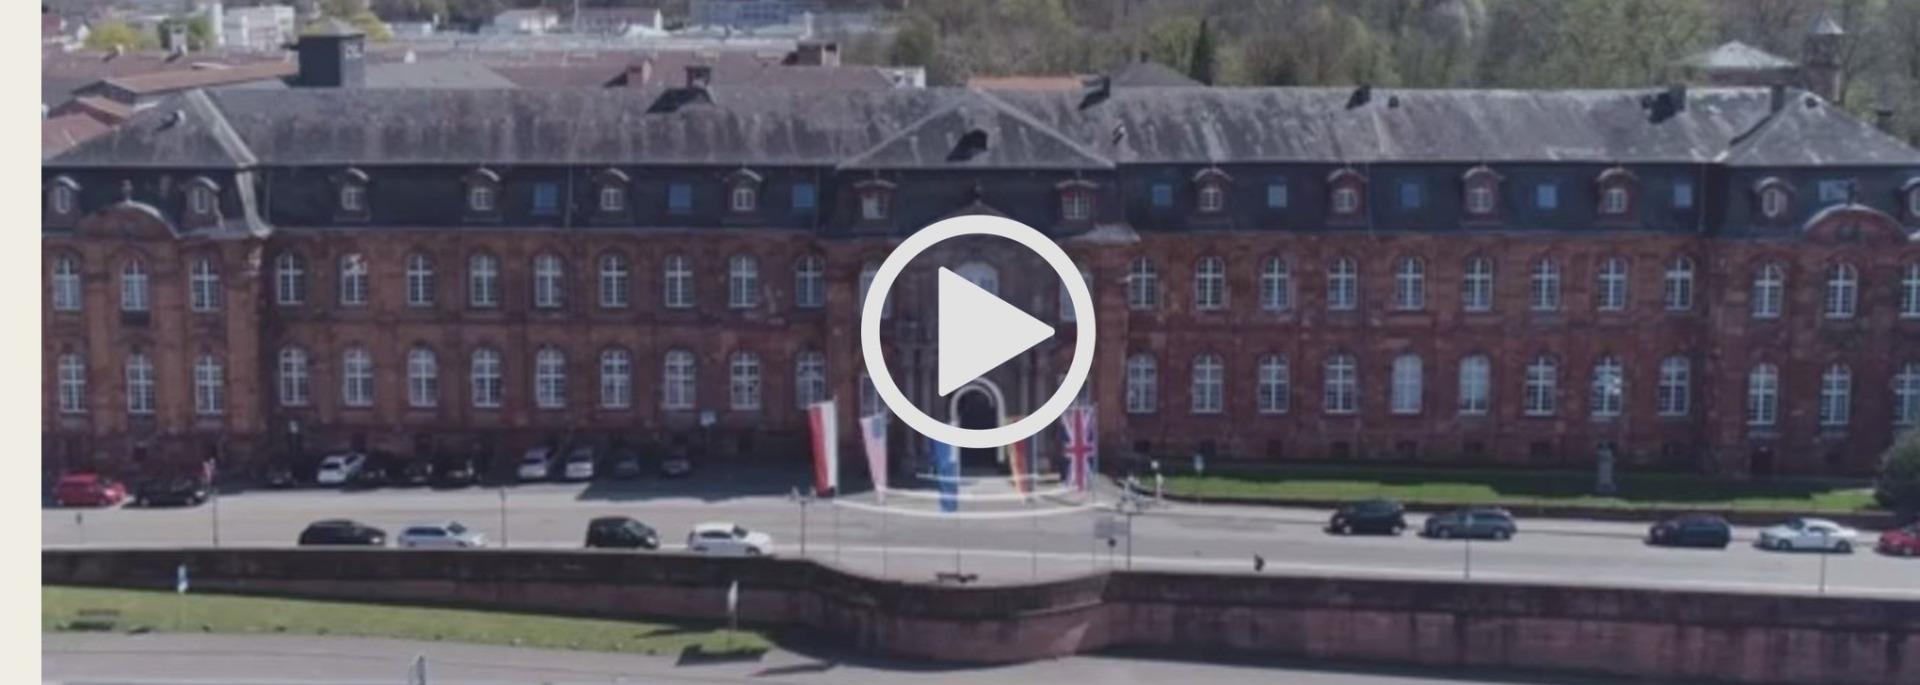 Villeroy-Boch-Imagefilm